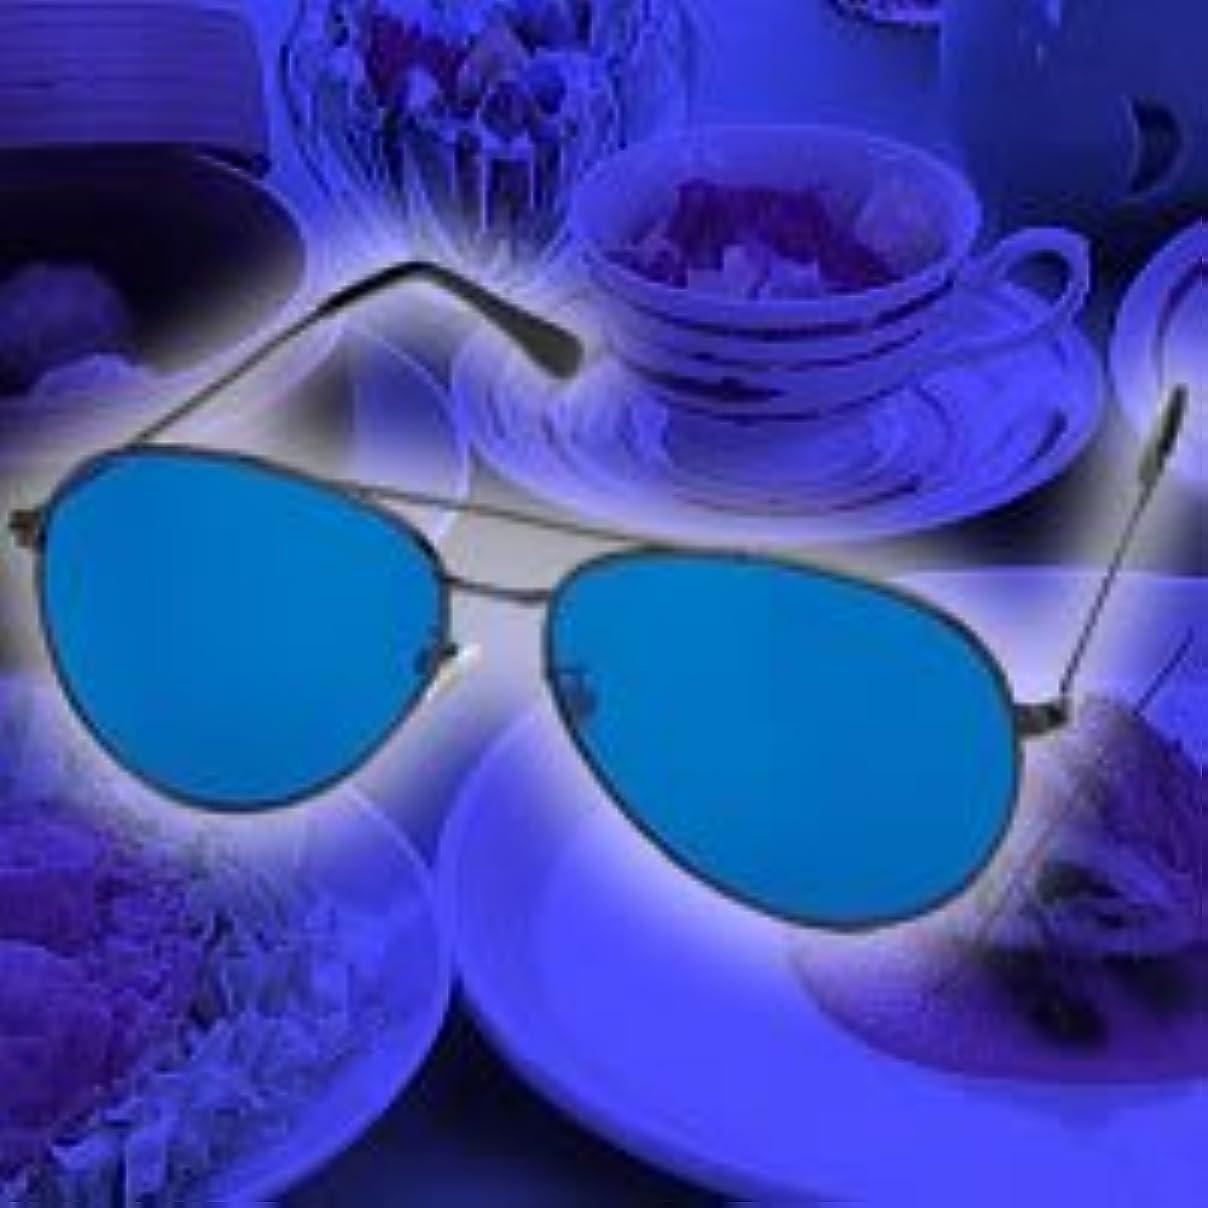 似ているコンクリートコイン青色ダイエットめがね(青色めがね)食べる5分前に使用でダイエット 青色アイグラス リラックスで食欲を抑える 青色めがねダイエット